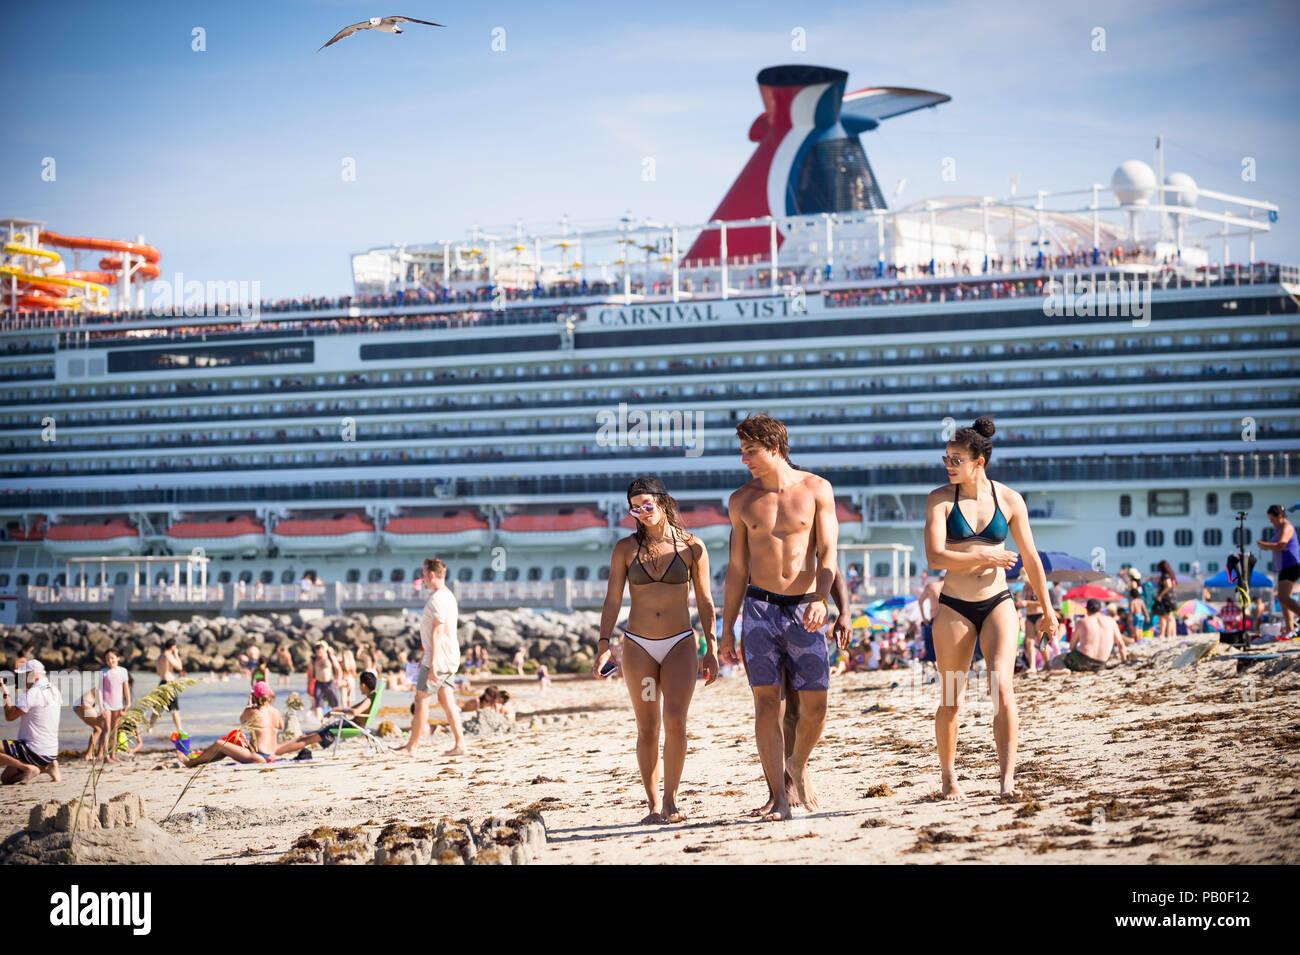 Can Teen bikini on cruise ship